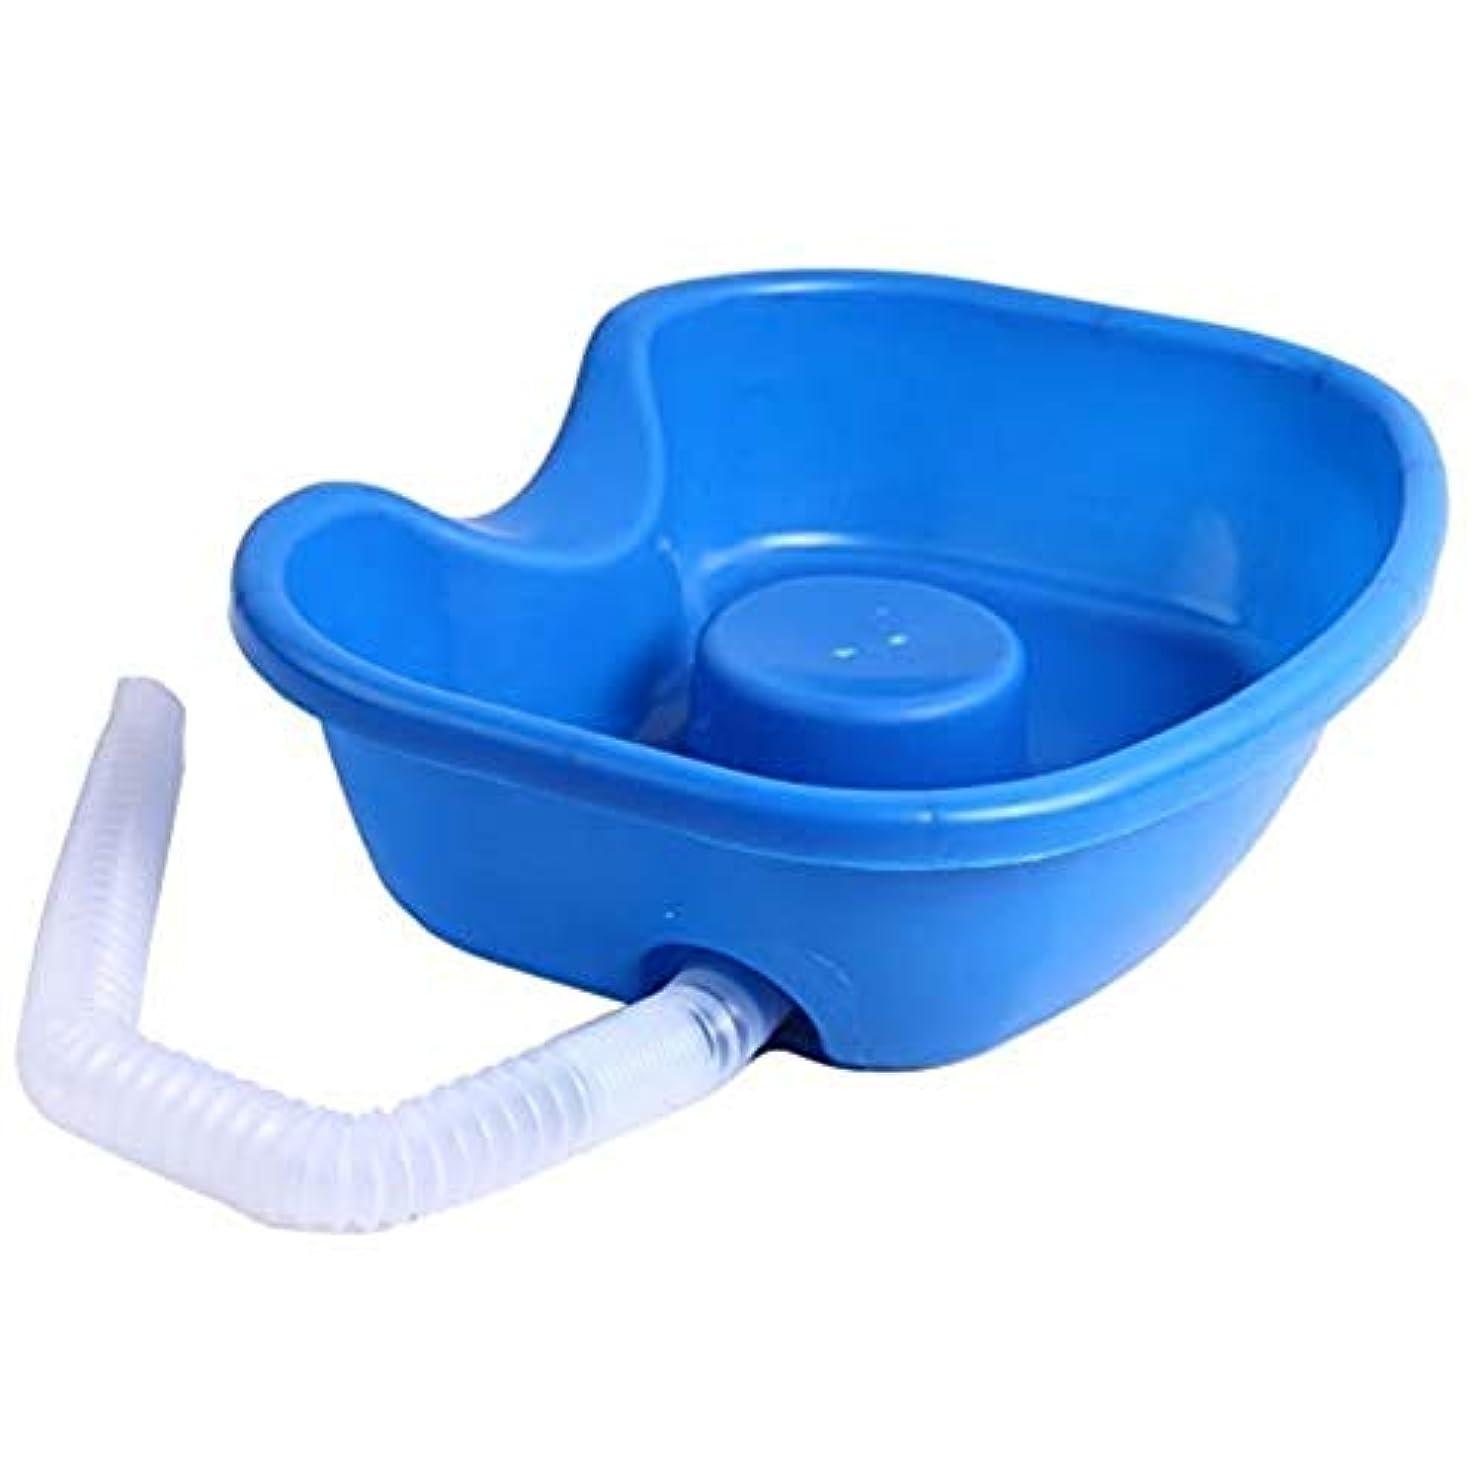 長いですバトルブレンドシャンプー洗面器医療厚手プラスチック寝台洗髪コンディショナートレイ介助者障害者、妊婦、高齢者の寝たきり